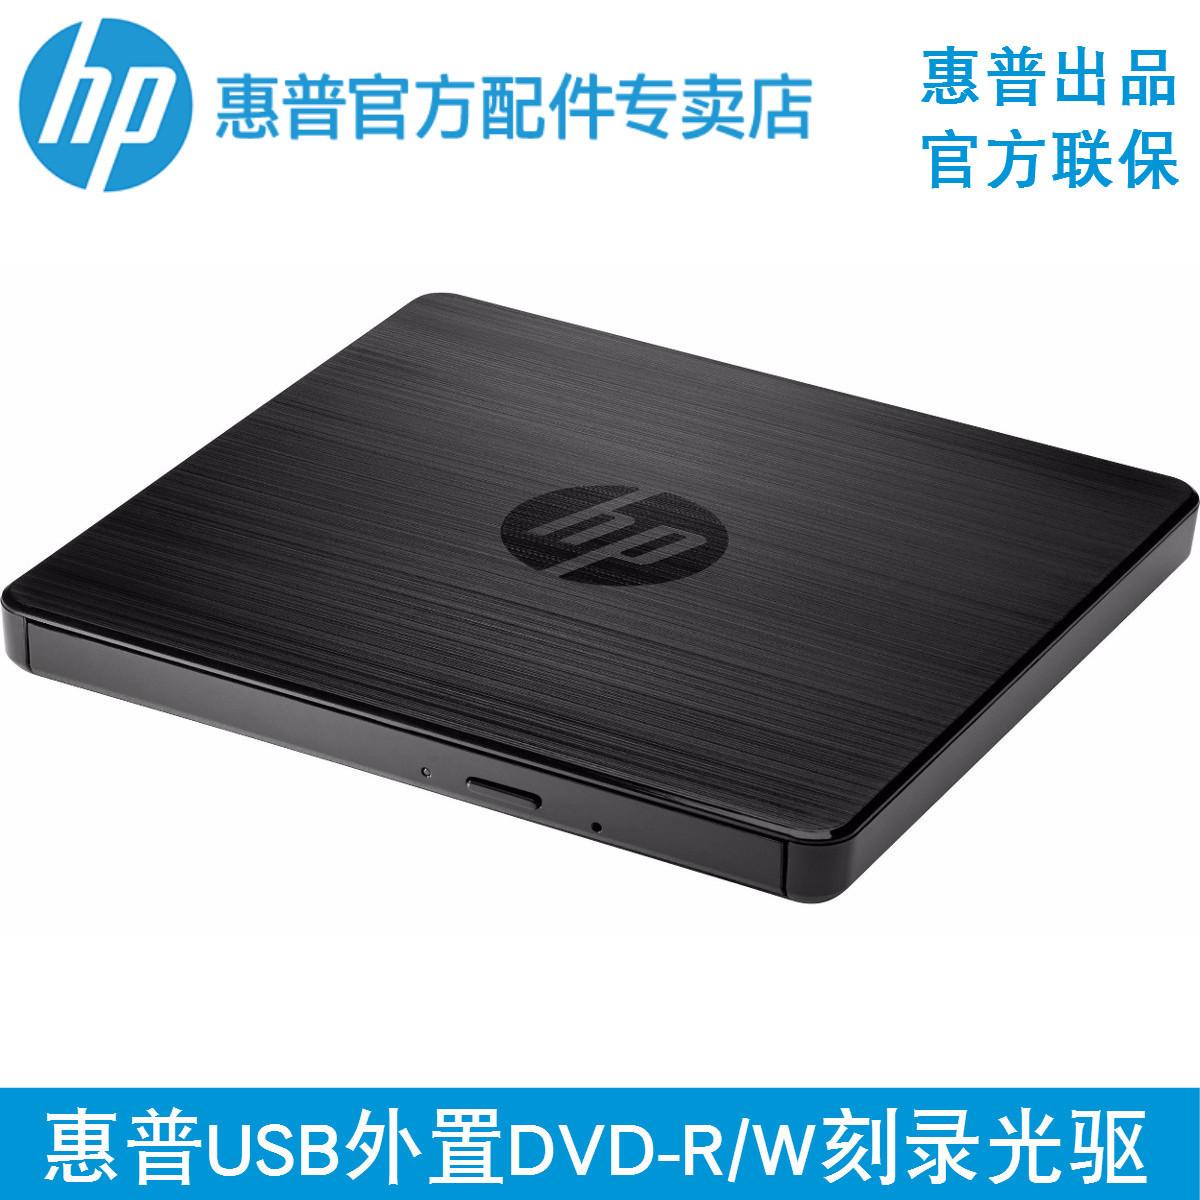 DVD콤보 HP/HP노트 데스크탑컴퓨터 이동 USB외장 DVD-R/W CD굽기 CD롬, 기본